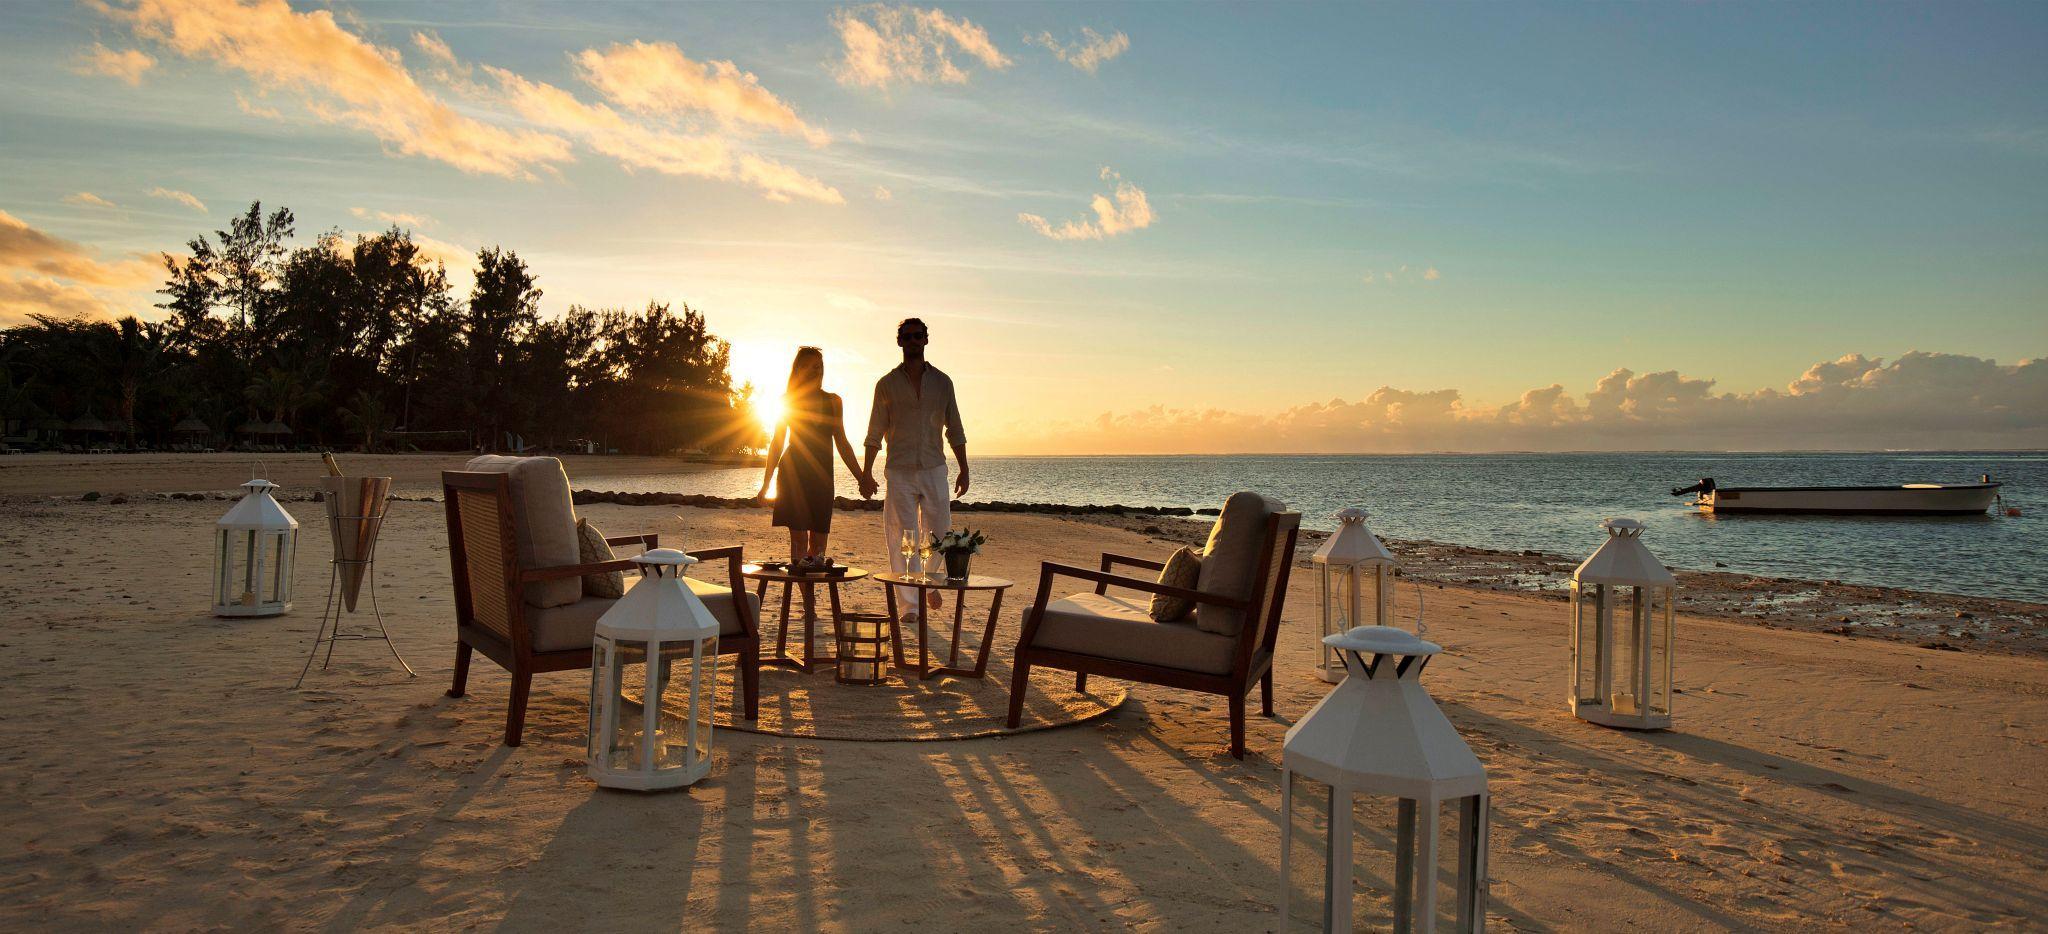 Ein Paar beobachtet den Sonnenuntergang von einer Sitzecke am Strand aus